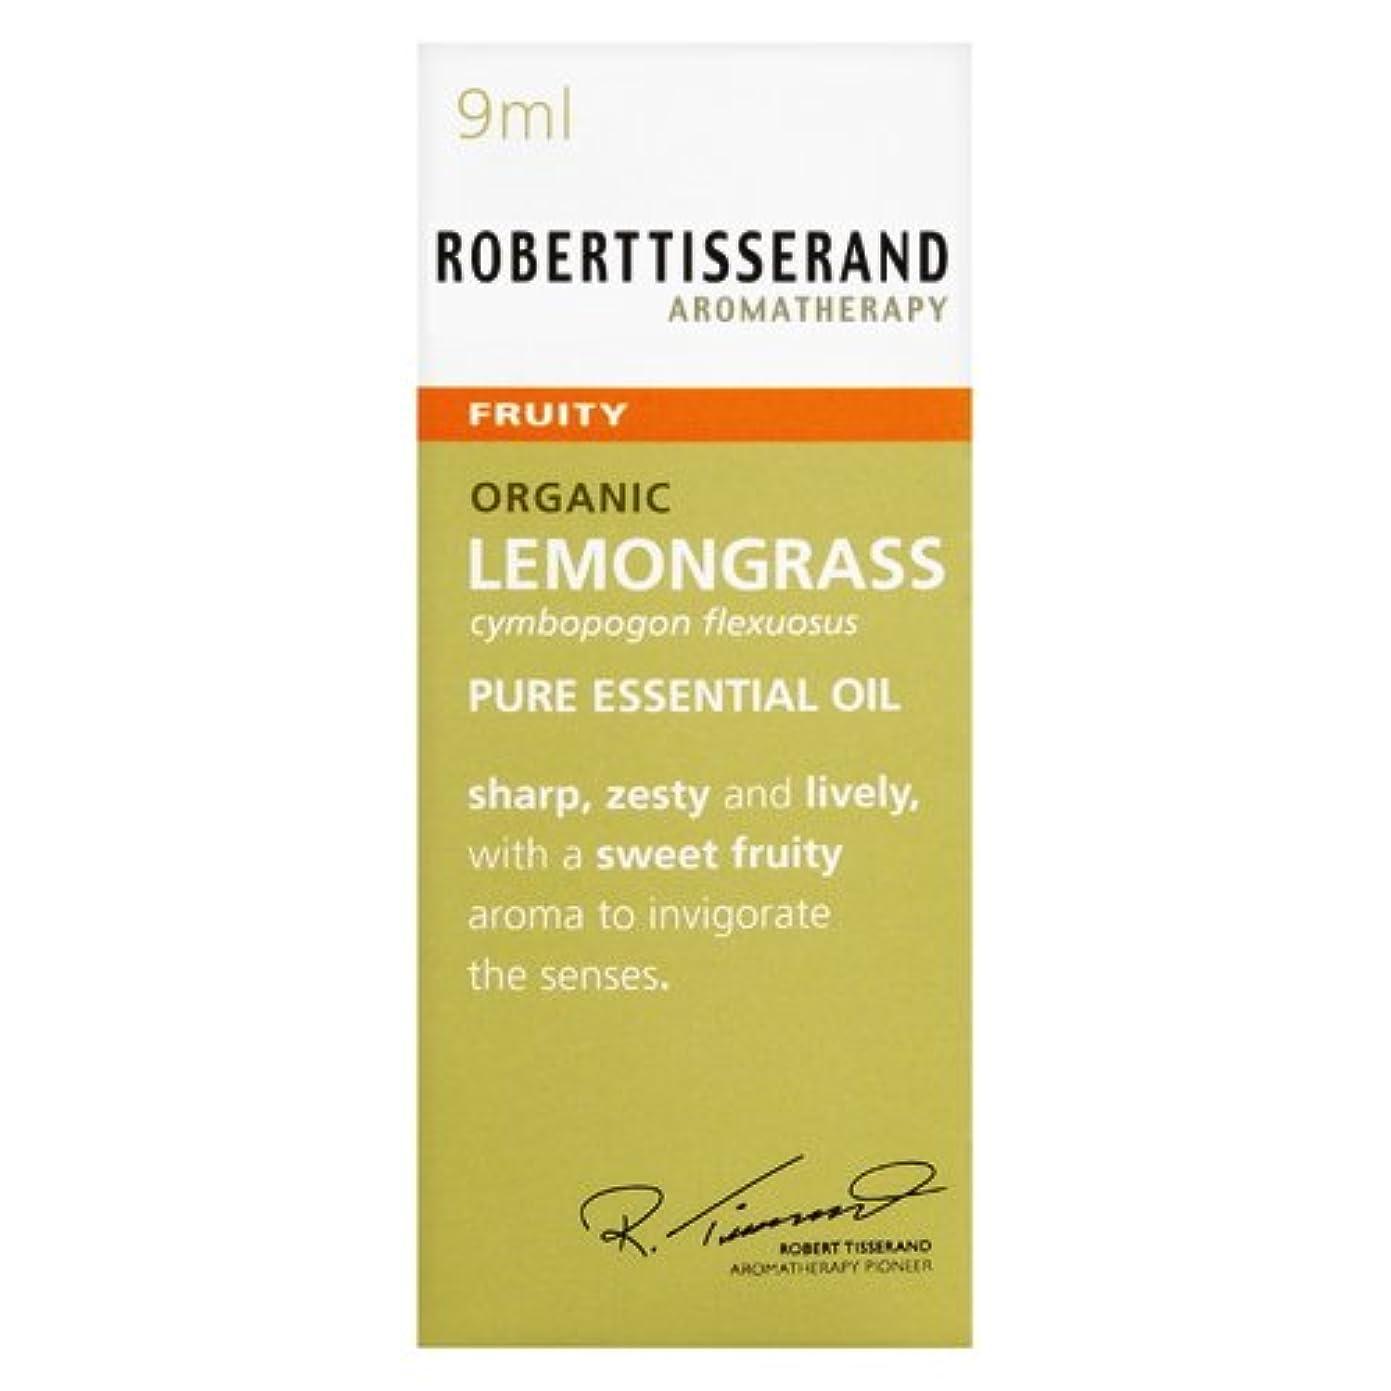 ロビー提唱する脅かすロバートティスランド 英国土壌協会認証 オーガニック レモングラス 9ml